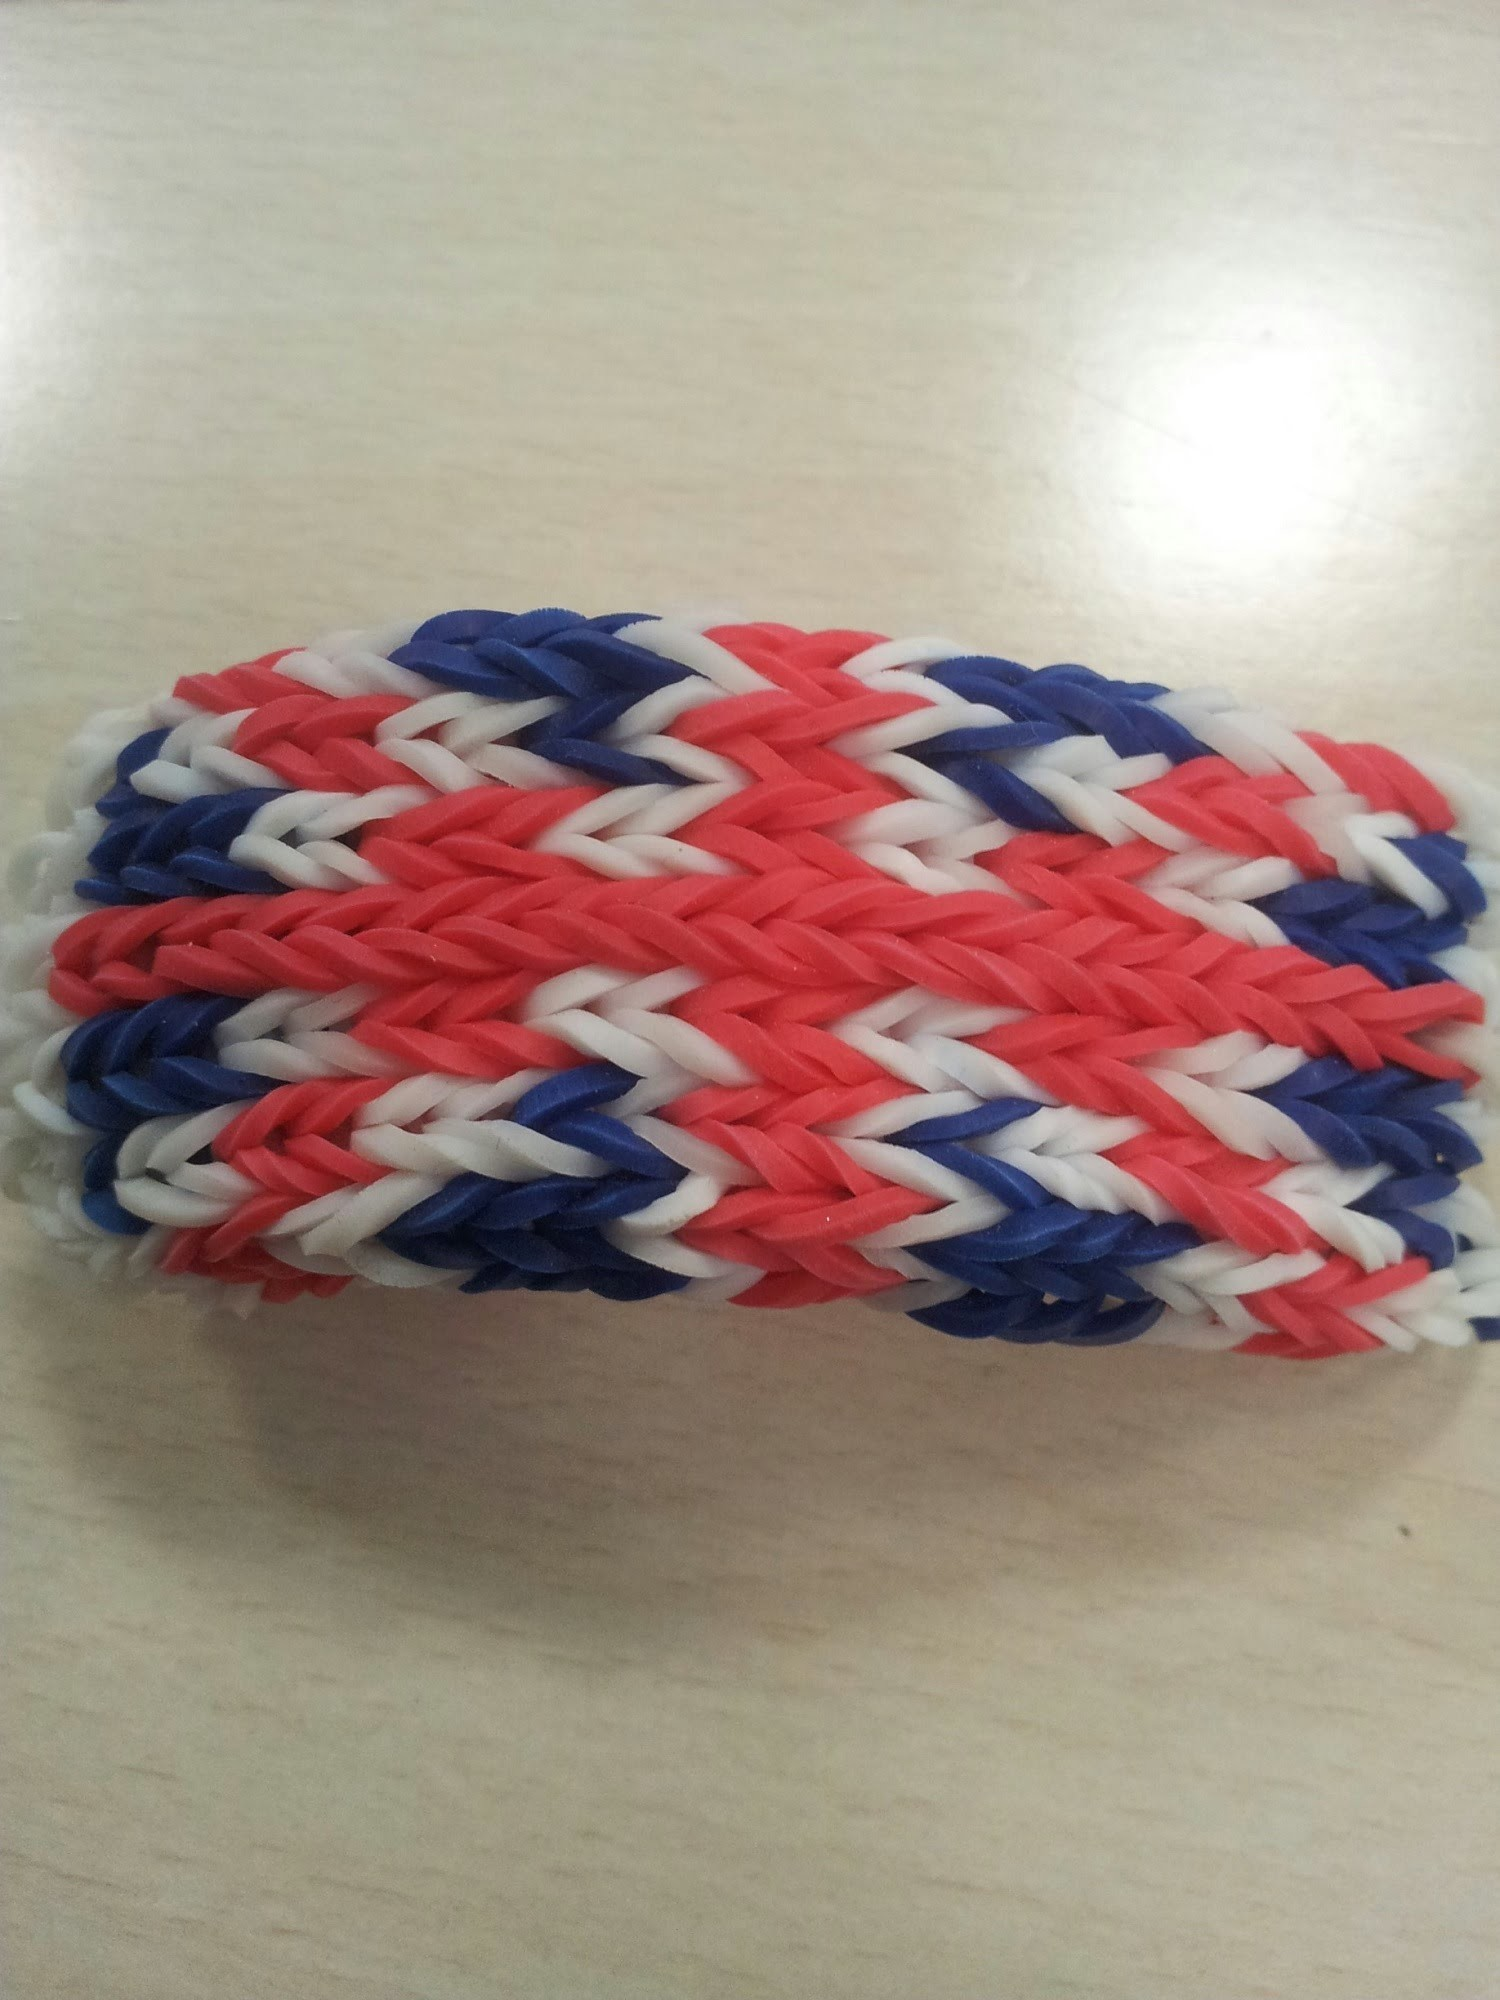 Tuto : bracelet rainbow loom 7 rangs Angleterre